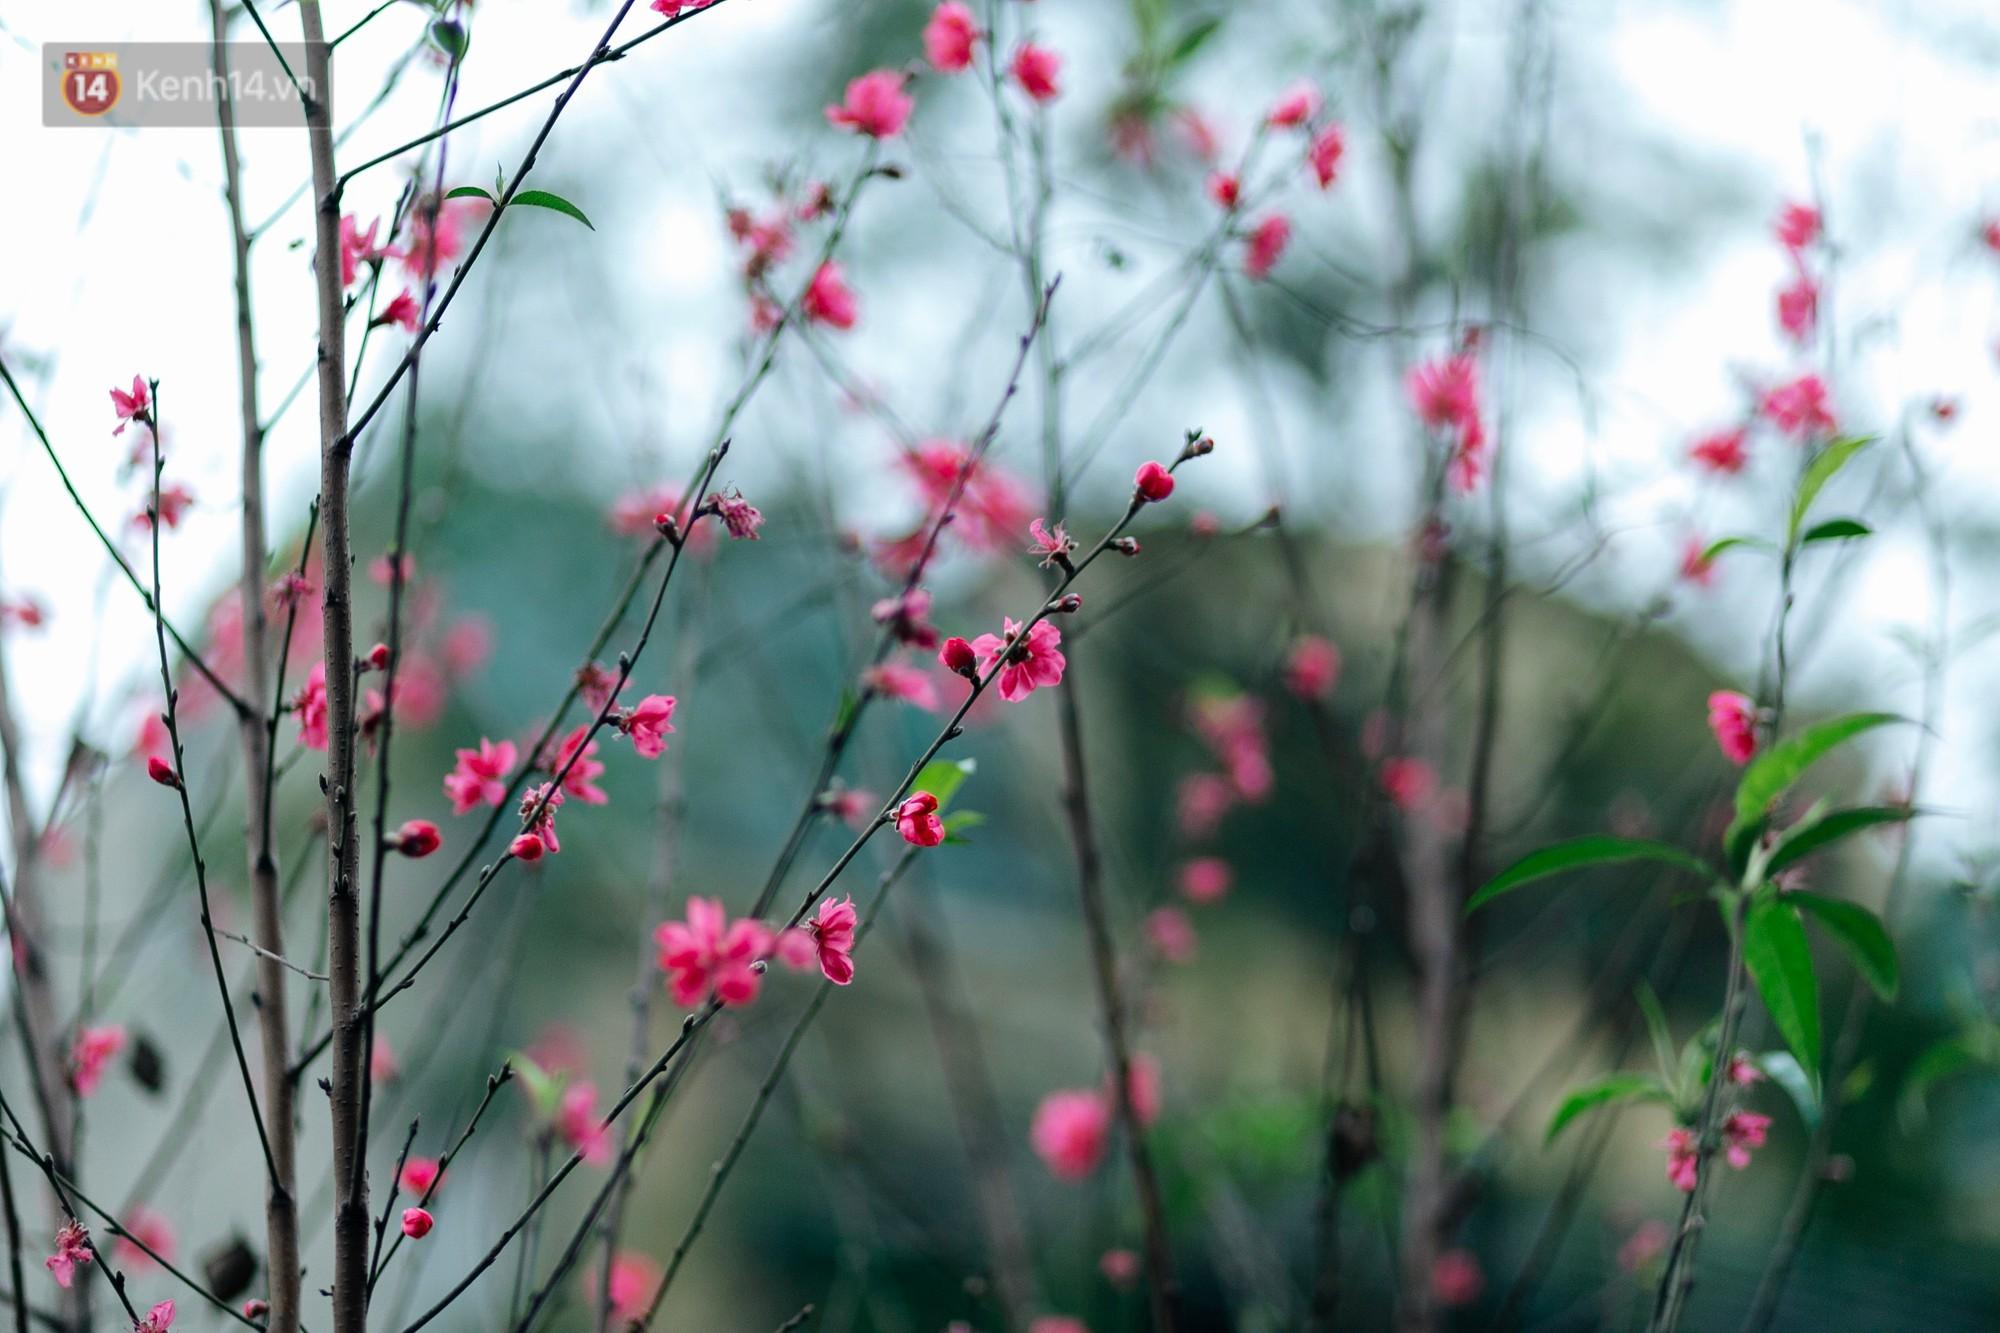 Chùm ảnh: Hoa đào đã nở đỏ rực trên những tuyến phố Hà Nội, Tết đã đến rất gần rồi! - Ảnh 14.